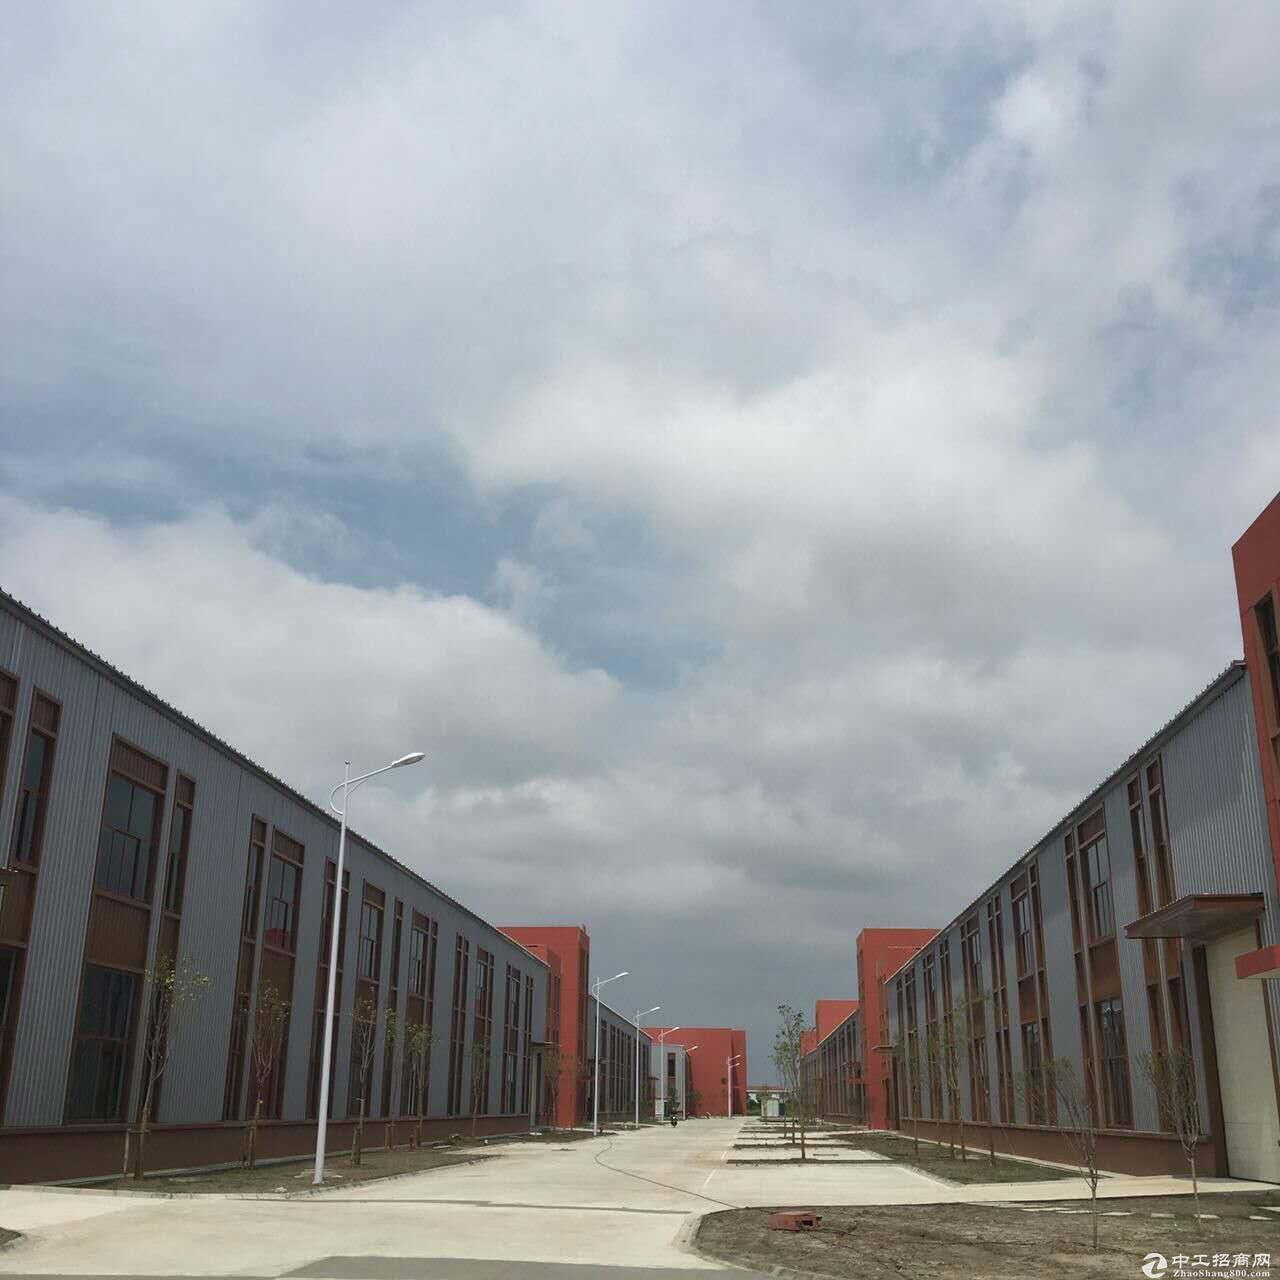 出售园区独立产权厂房,单层10米层高钢结构,双层标准厂房,可架行车,多面积可选-图2